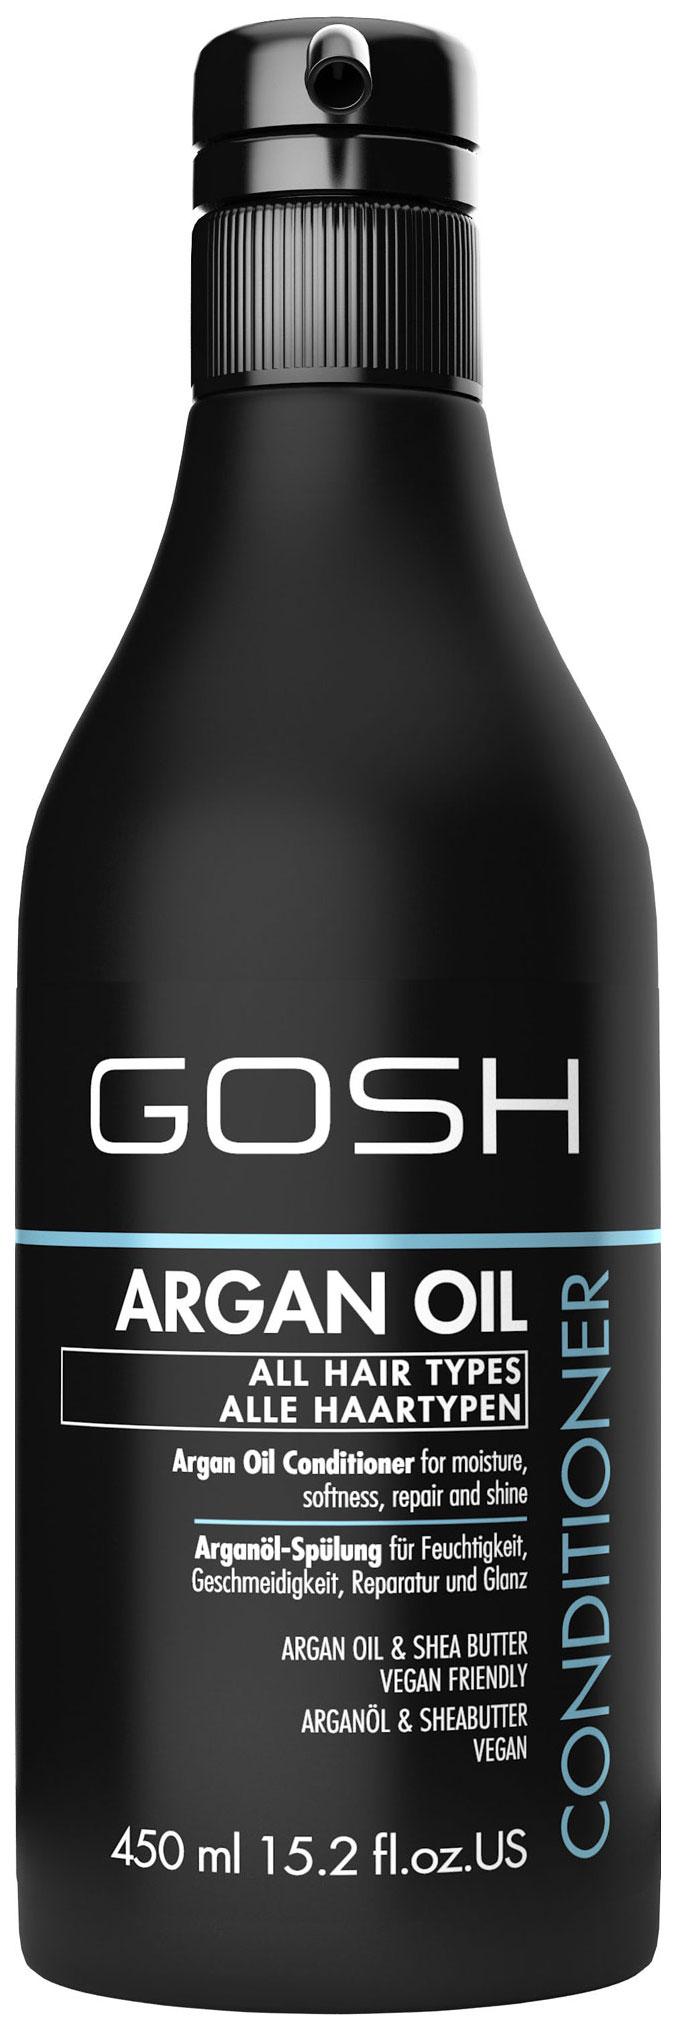 Купить Кондиционер для волос Gosh Argan Oil 450 мл, GOSH COPENHAGEN